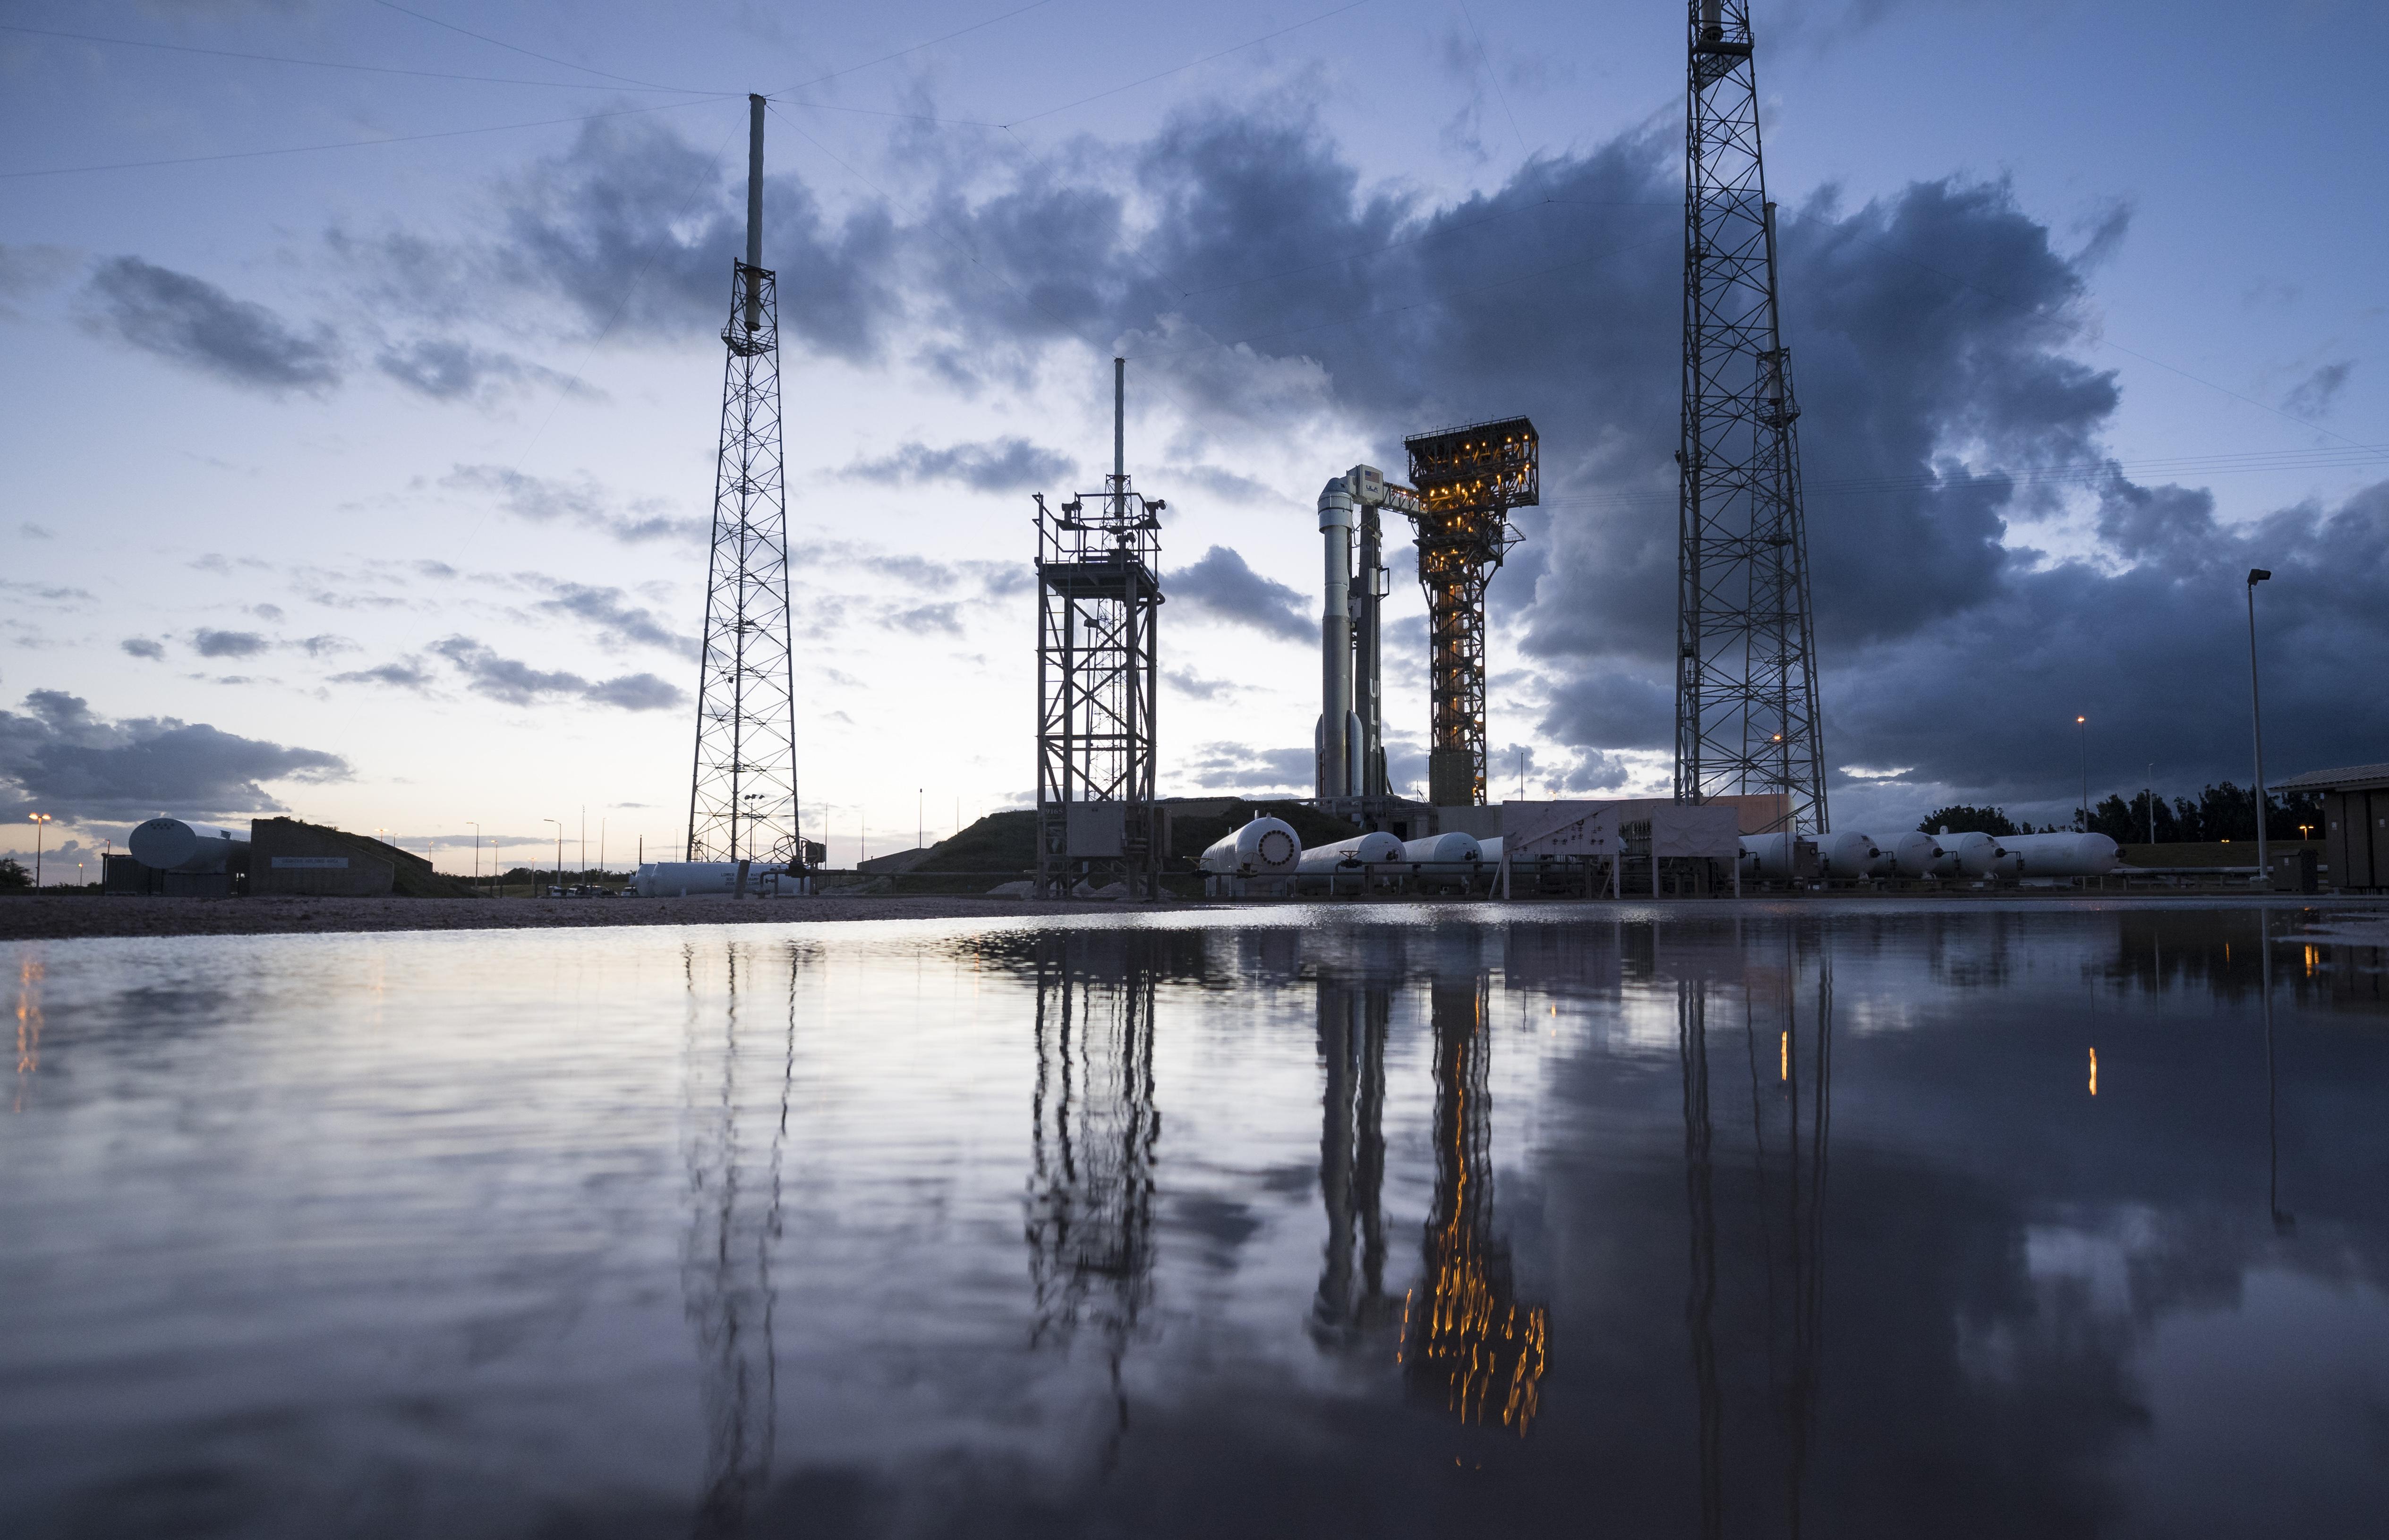 NASA Launches Test Flight Of Boeing Starliner Spacecraft